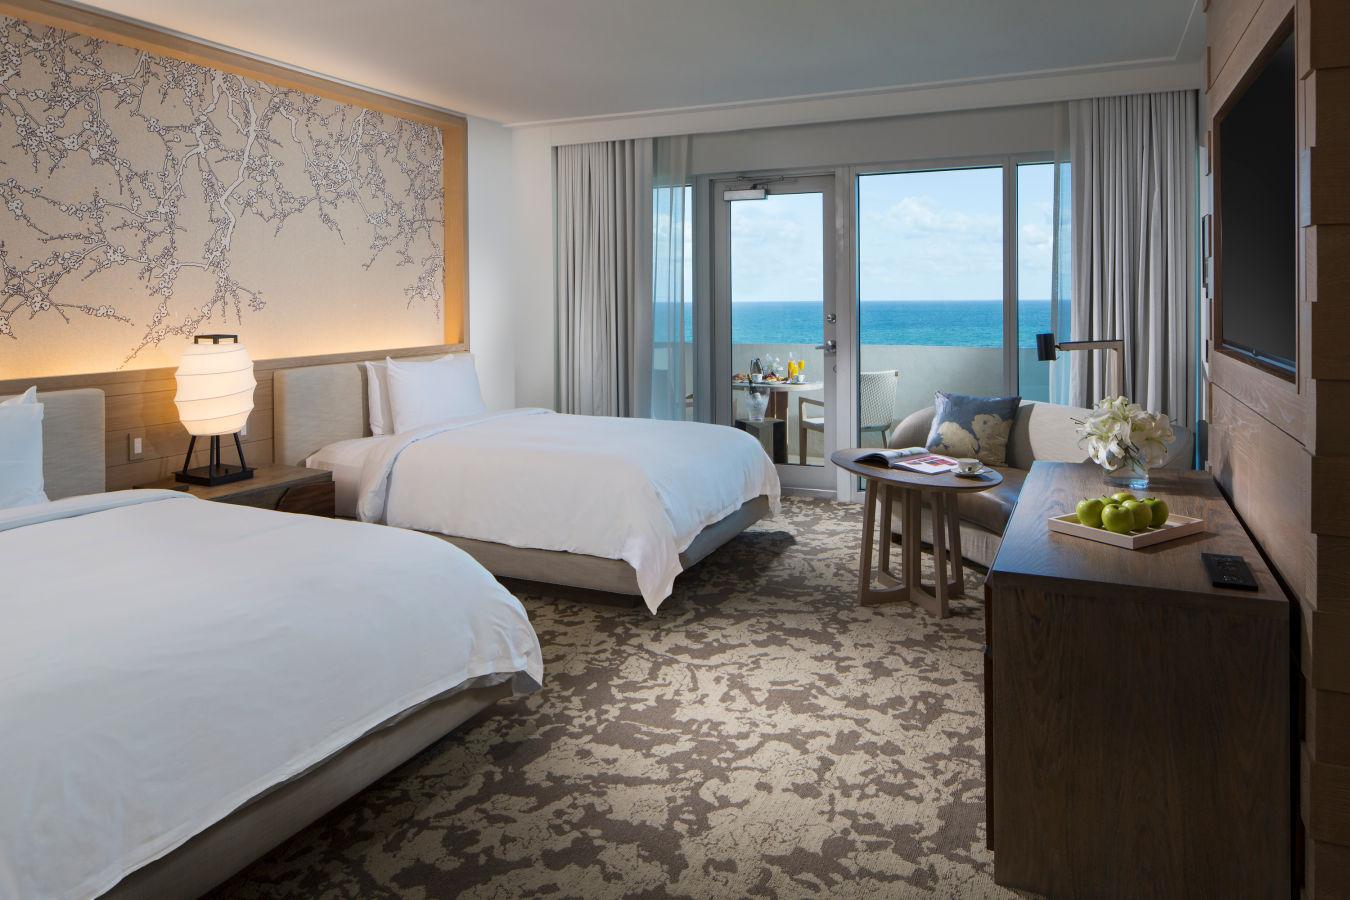 """Делюкс с двумя кроватями размера """"queen-size"""" и видом на океан - Нобу HotelMiami Beach"""